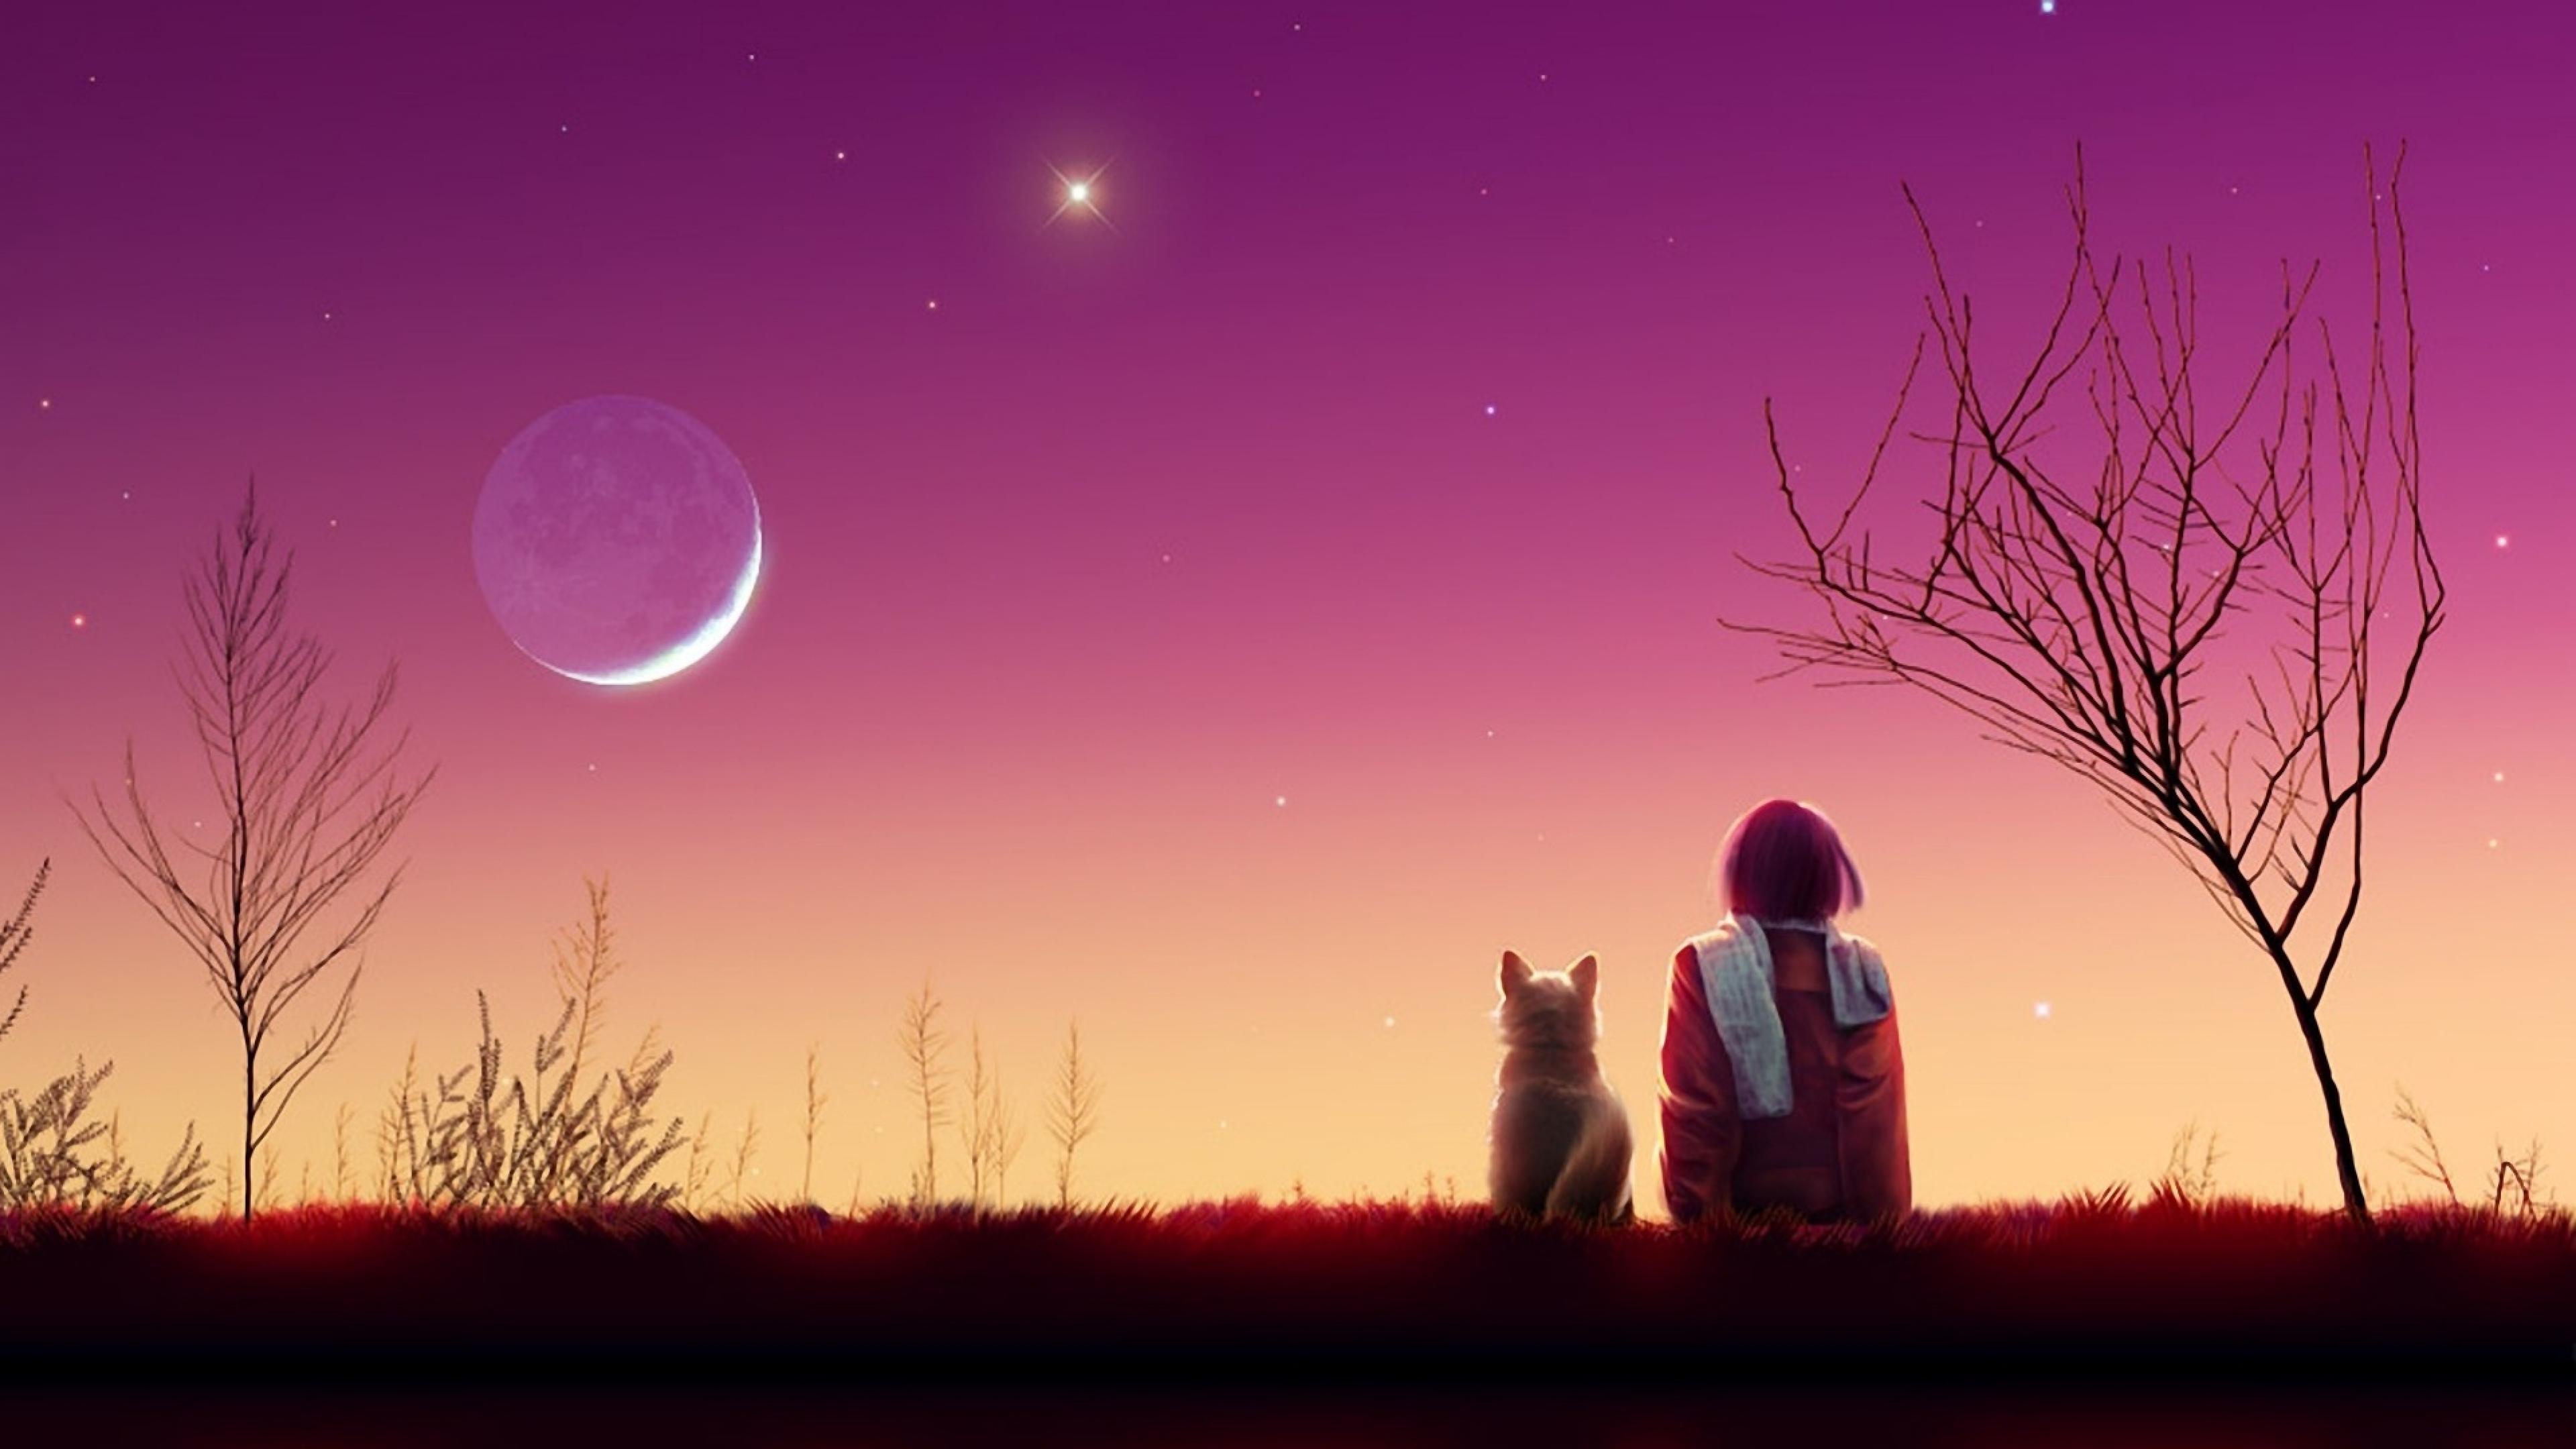 anime girl sunset 1541973533 - Anime Girl Sunset - cat wallpapers, anime wallpapers, anime girl wallpapers